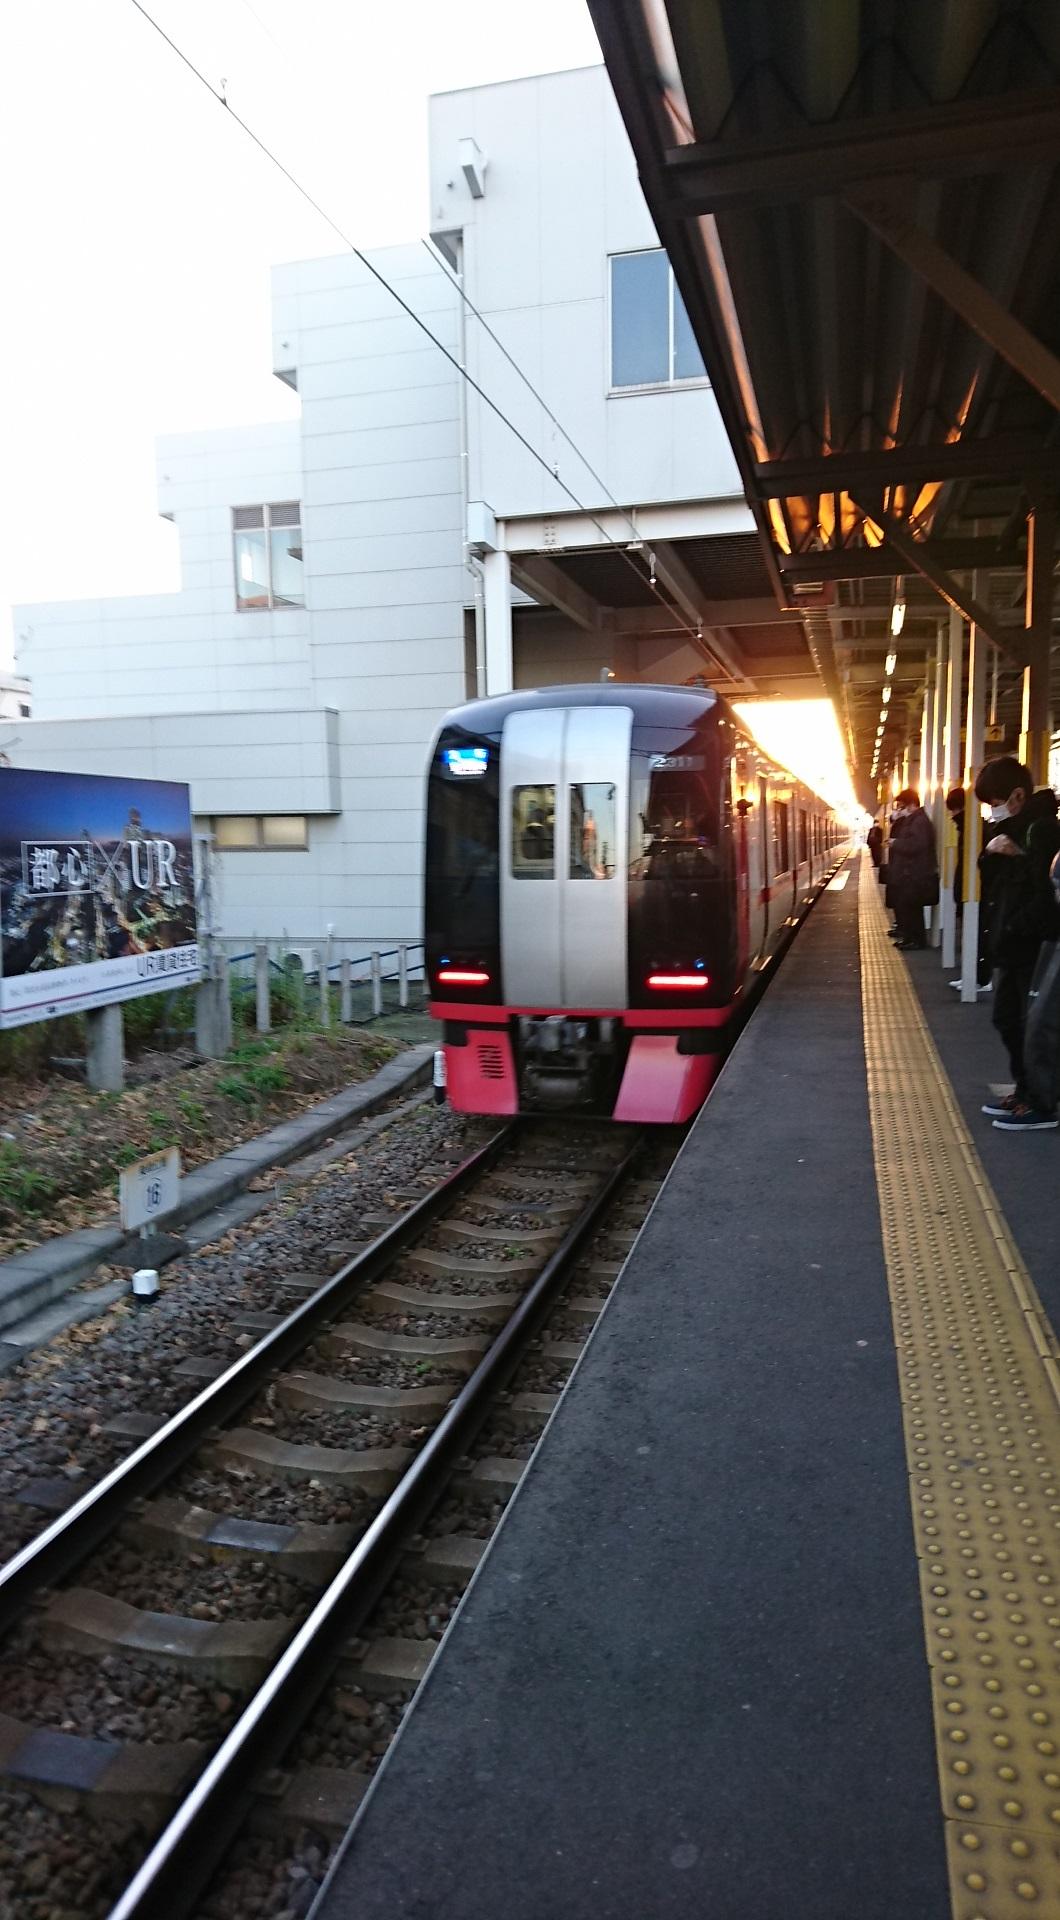 2018.1.11 みさくぼ (1) しんあんじょう - 豊川稲荷いき急行 1060-1920